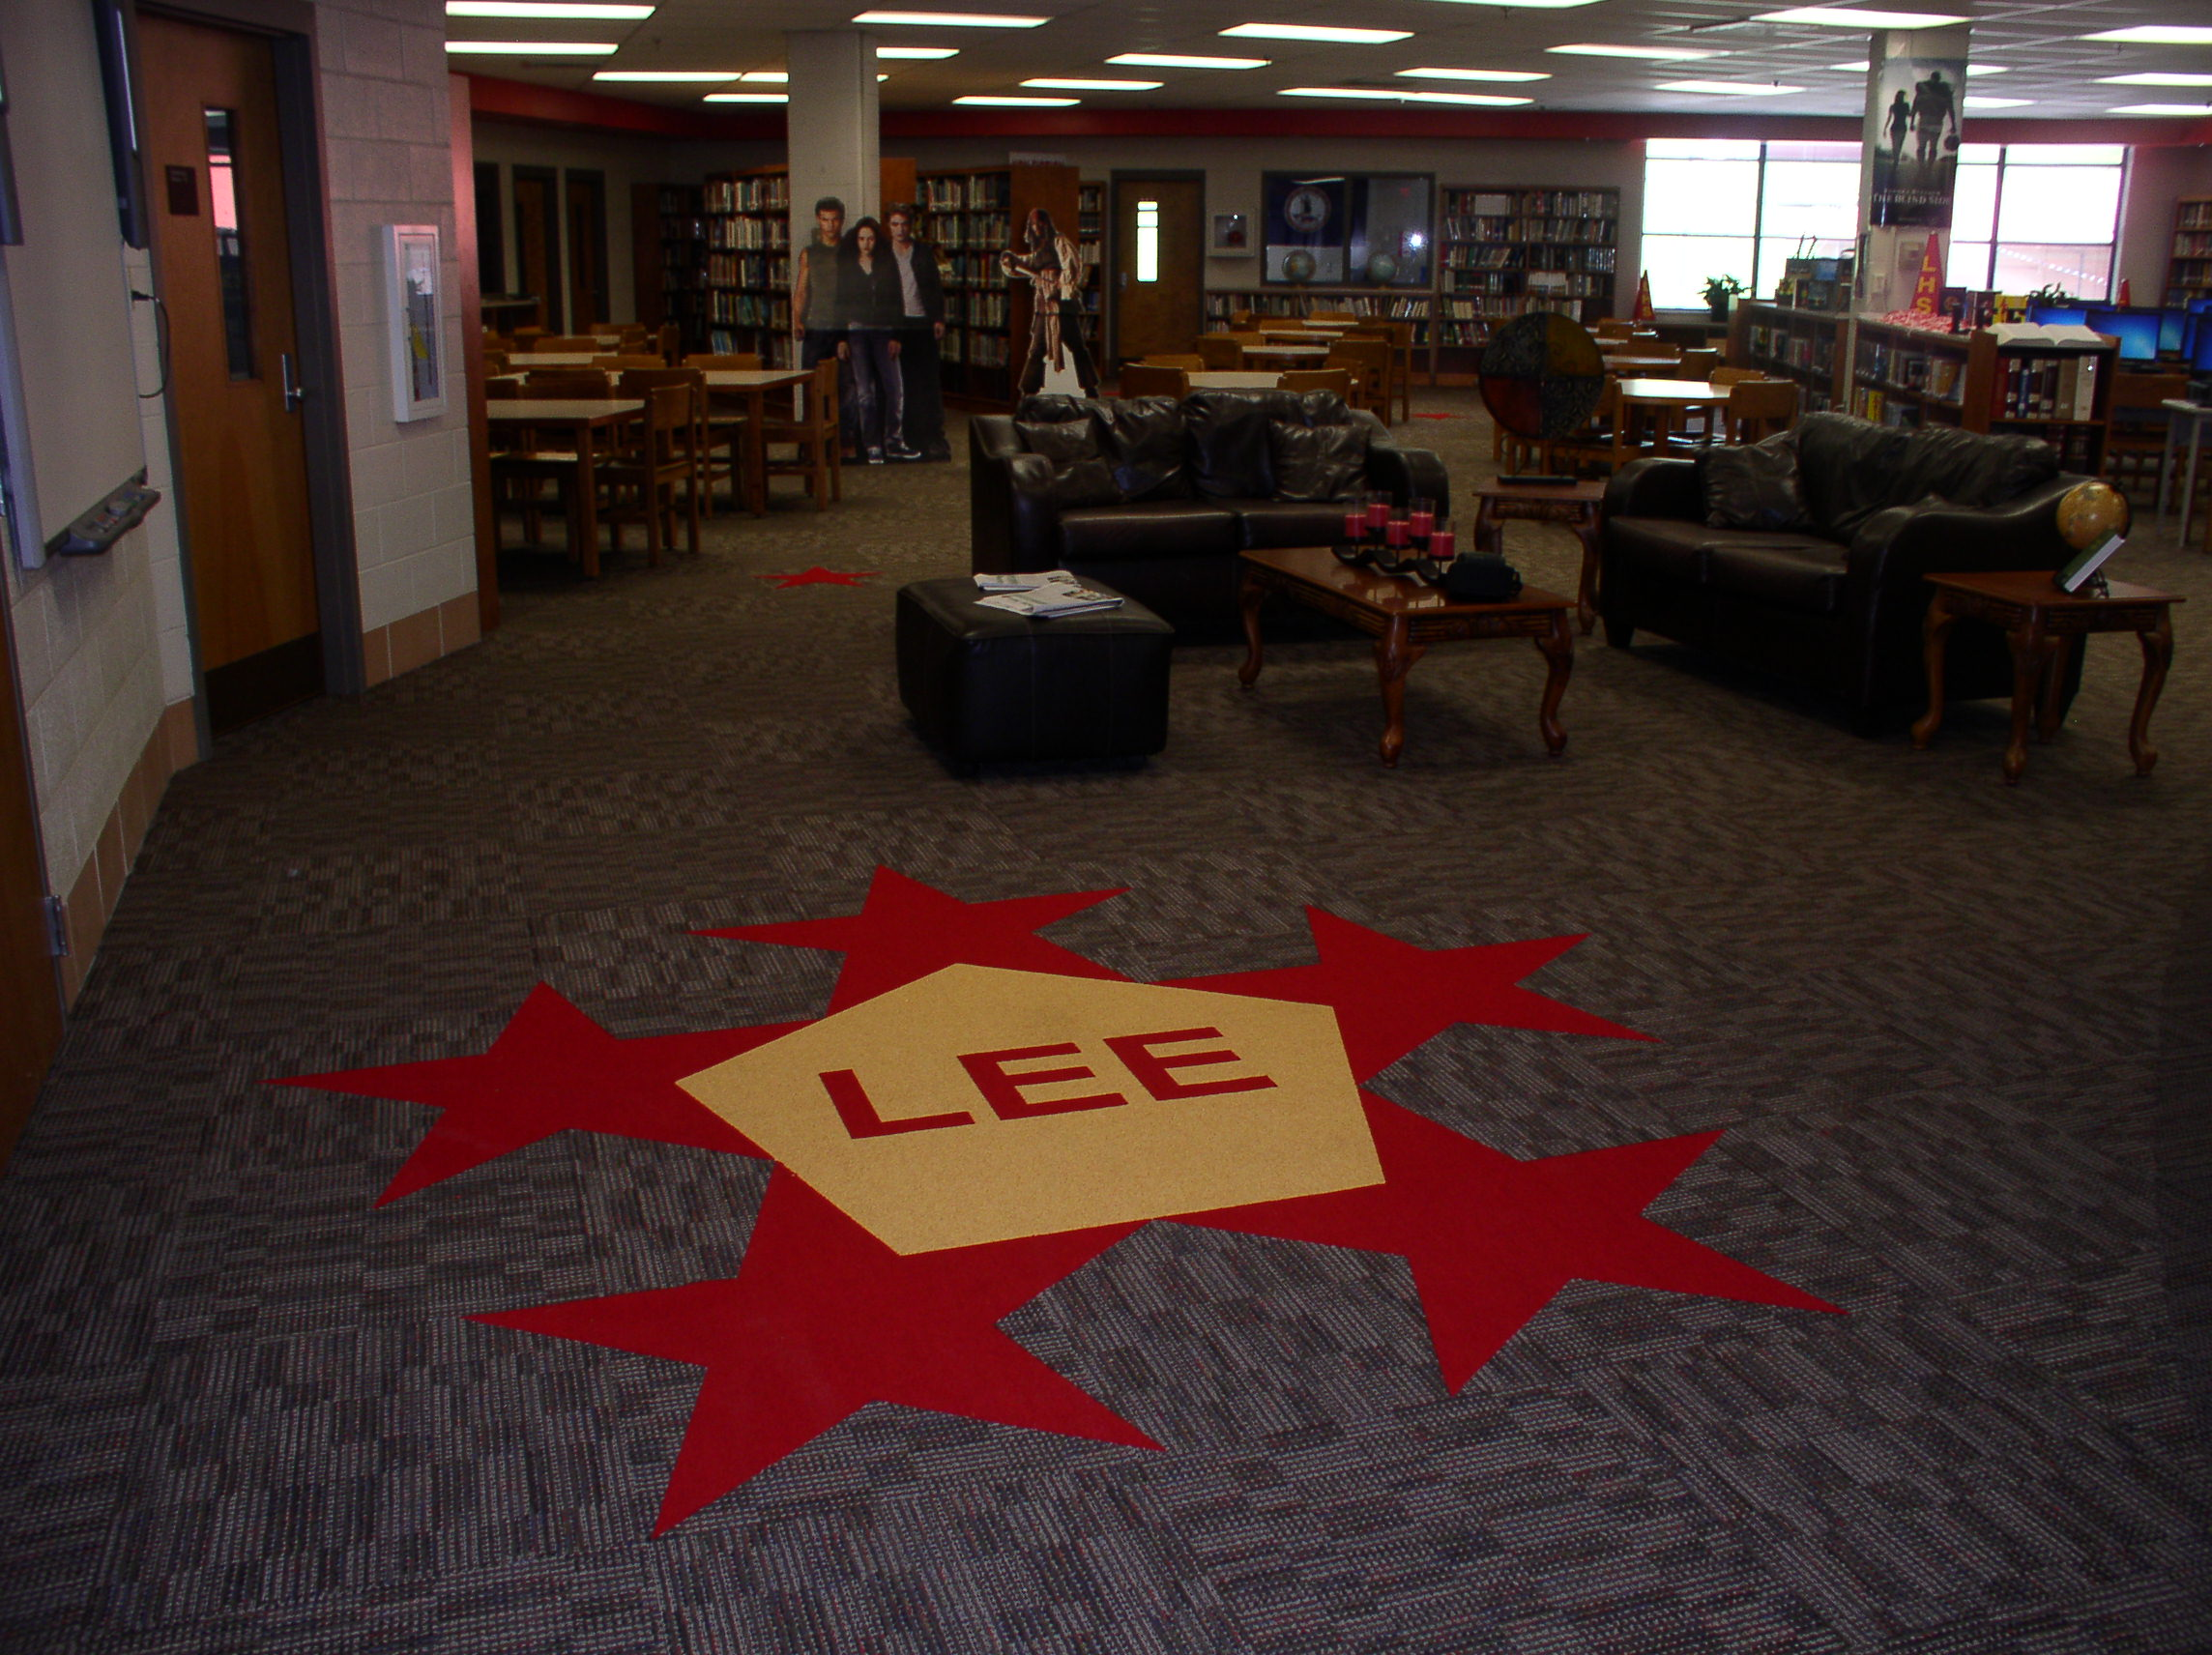 Lee County 1.jpg